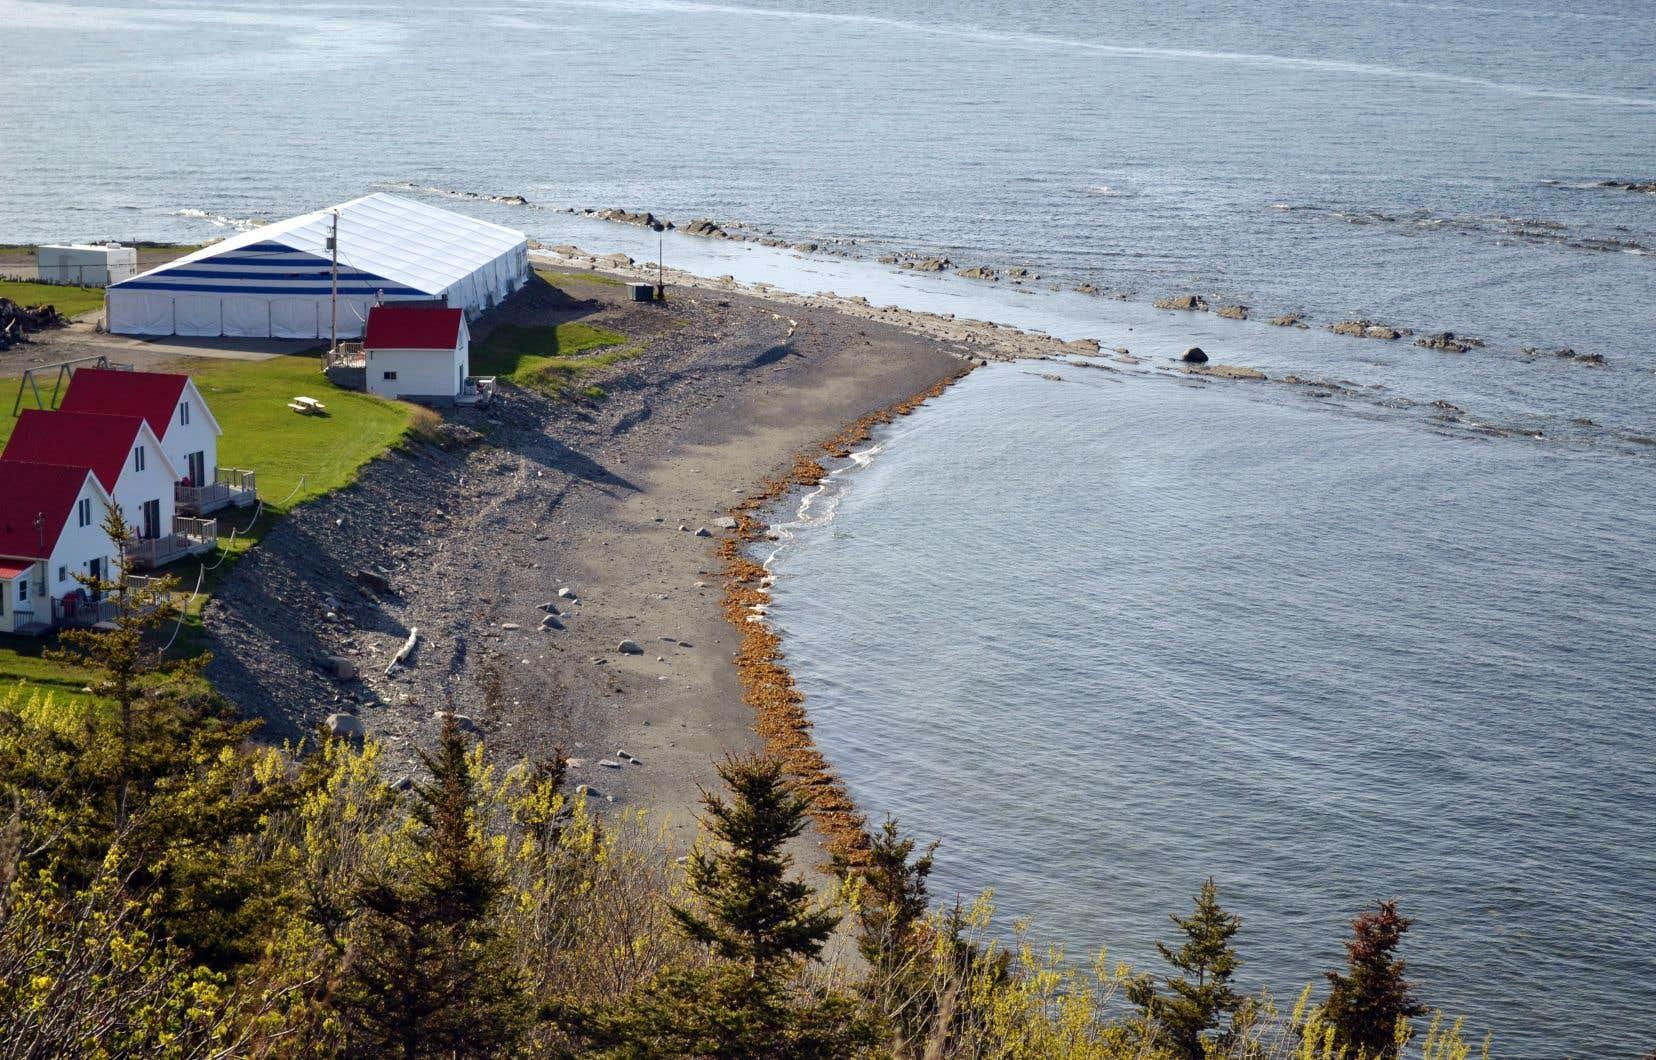 Après l'incendie du Théâtre de la Vieille Forge, haut lieu de l'événement, il ne restait pratiquement que les rochers et la mer. Au moins, eux ne pouvaient pas brûler.